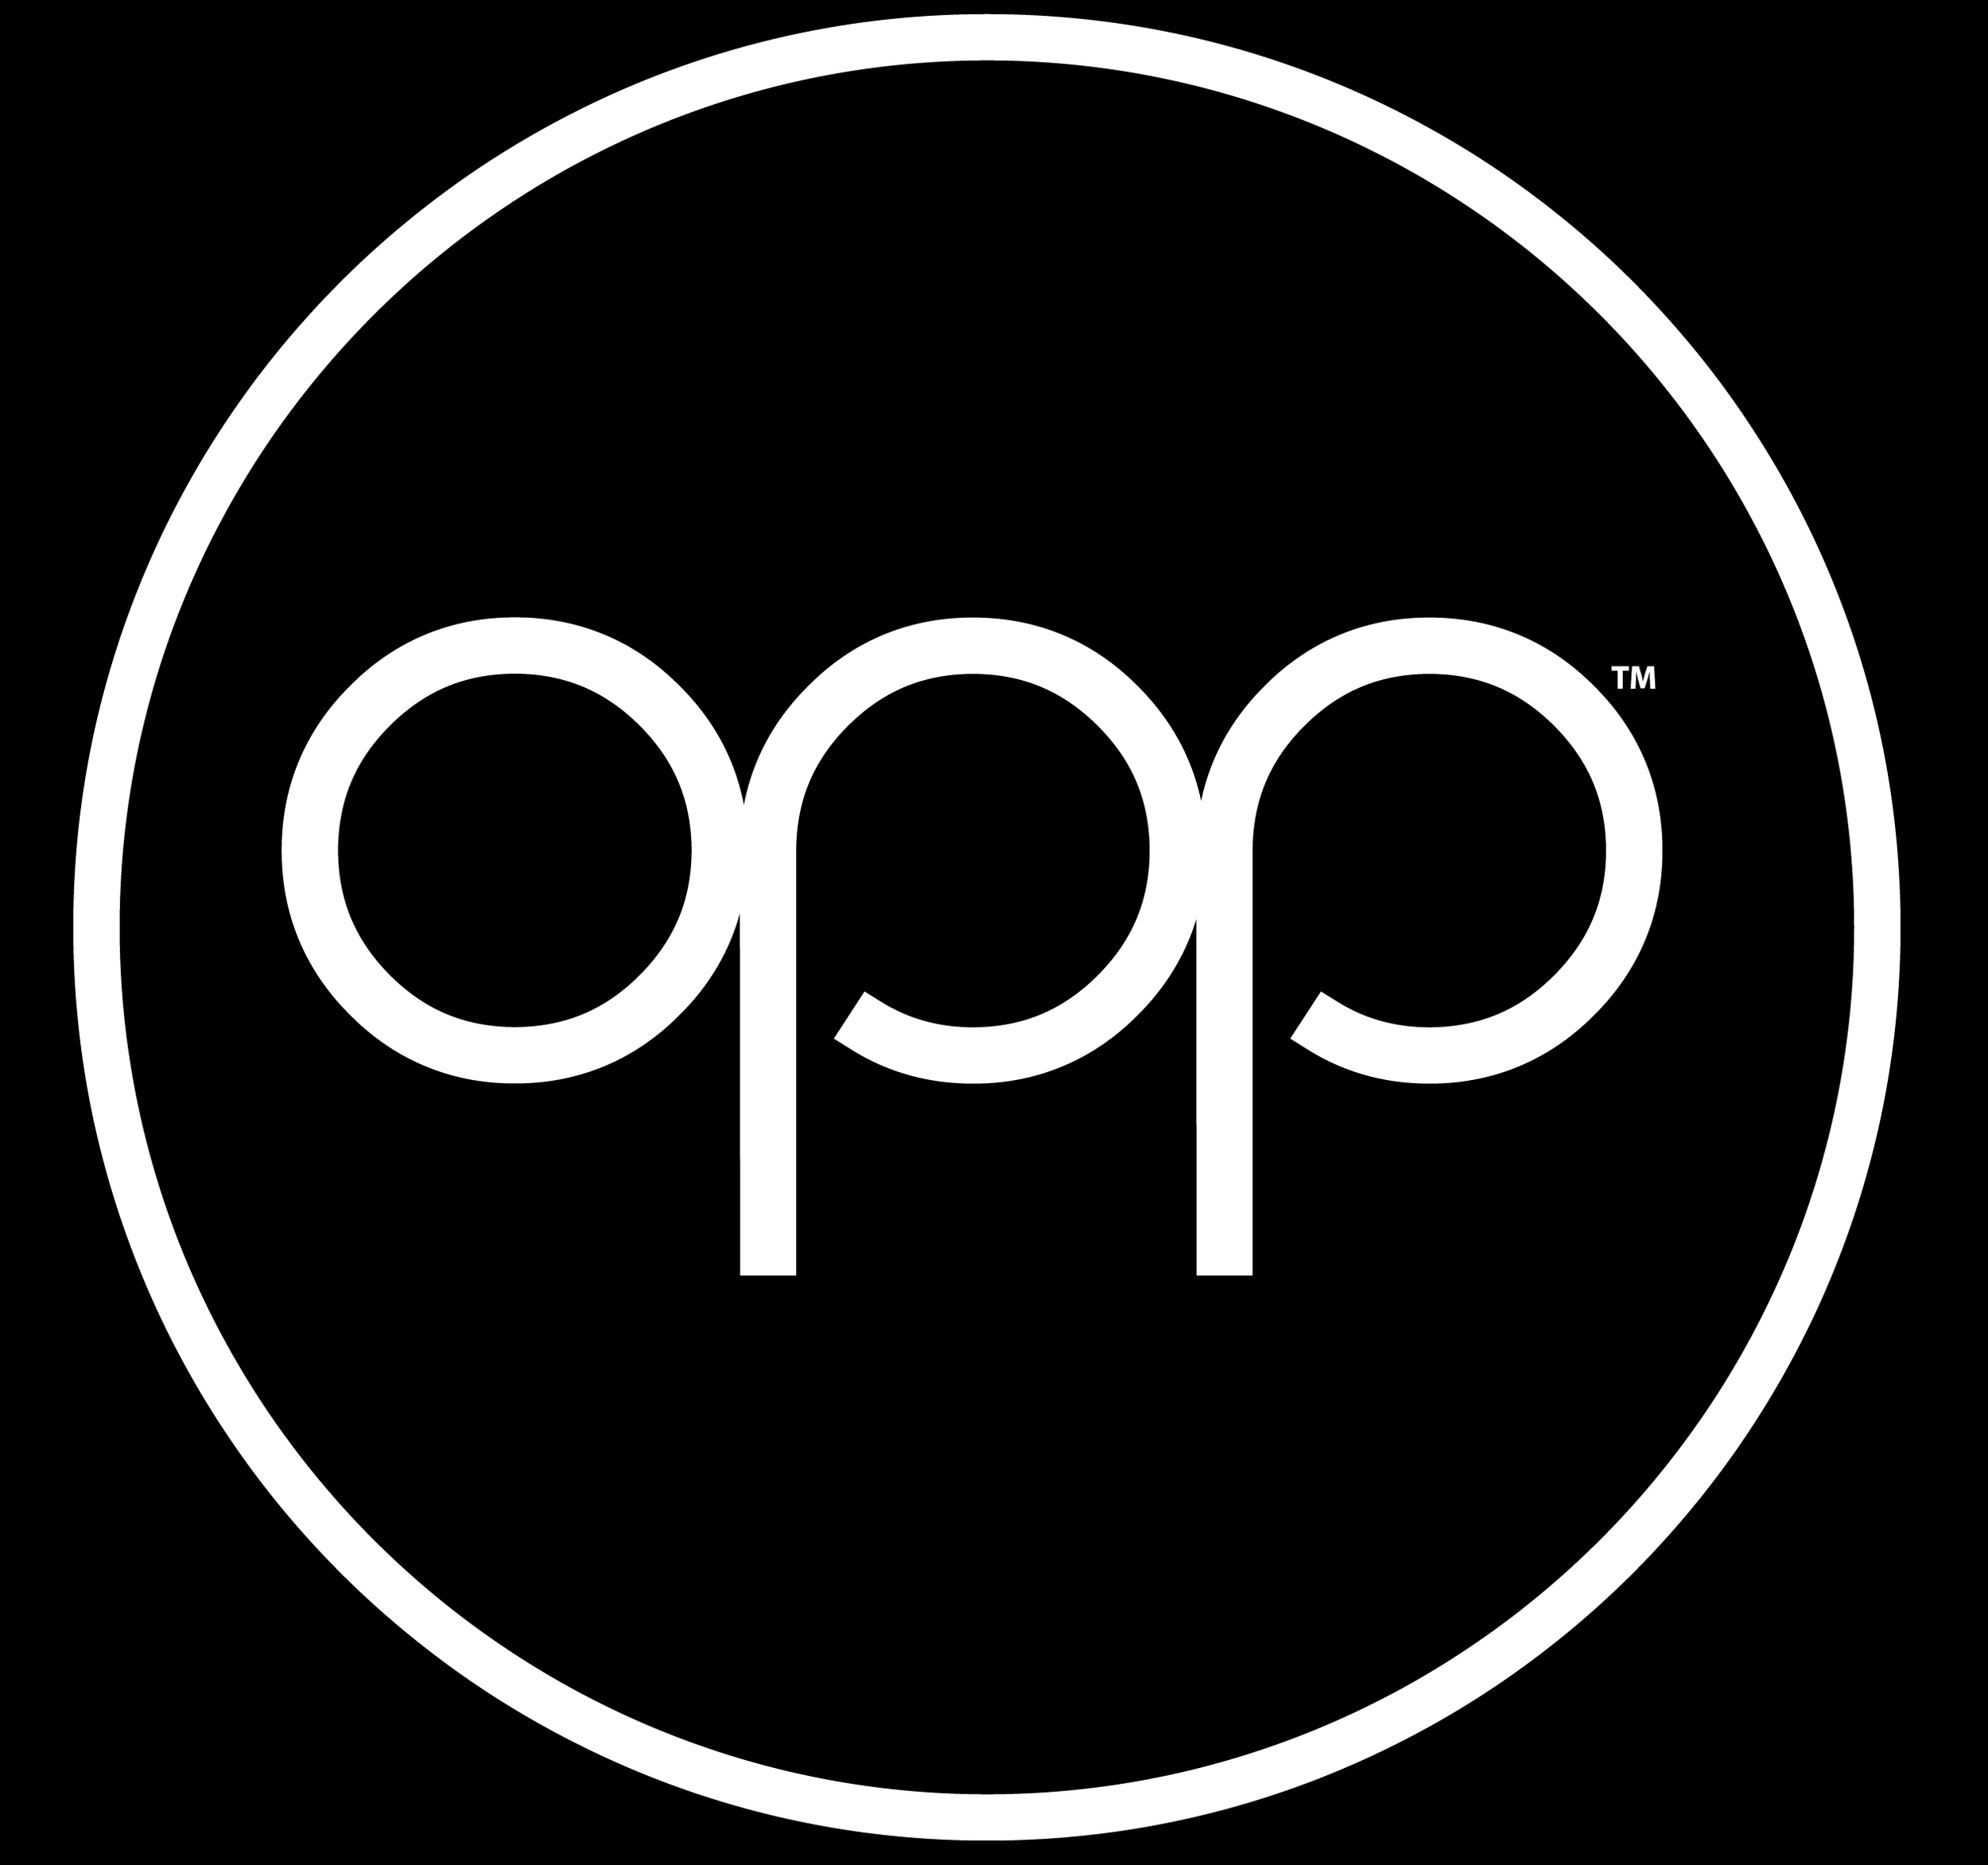 OPP_LOGO_WHITEONBLACK.jpg